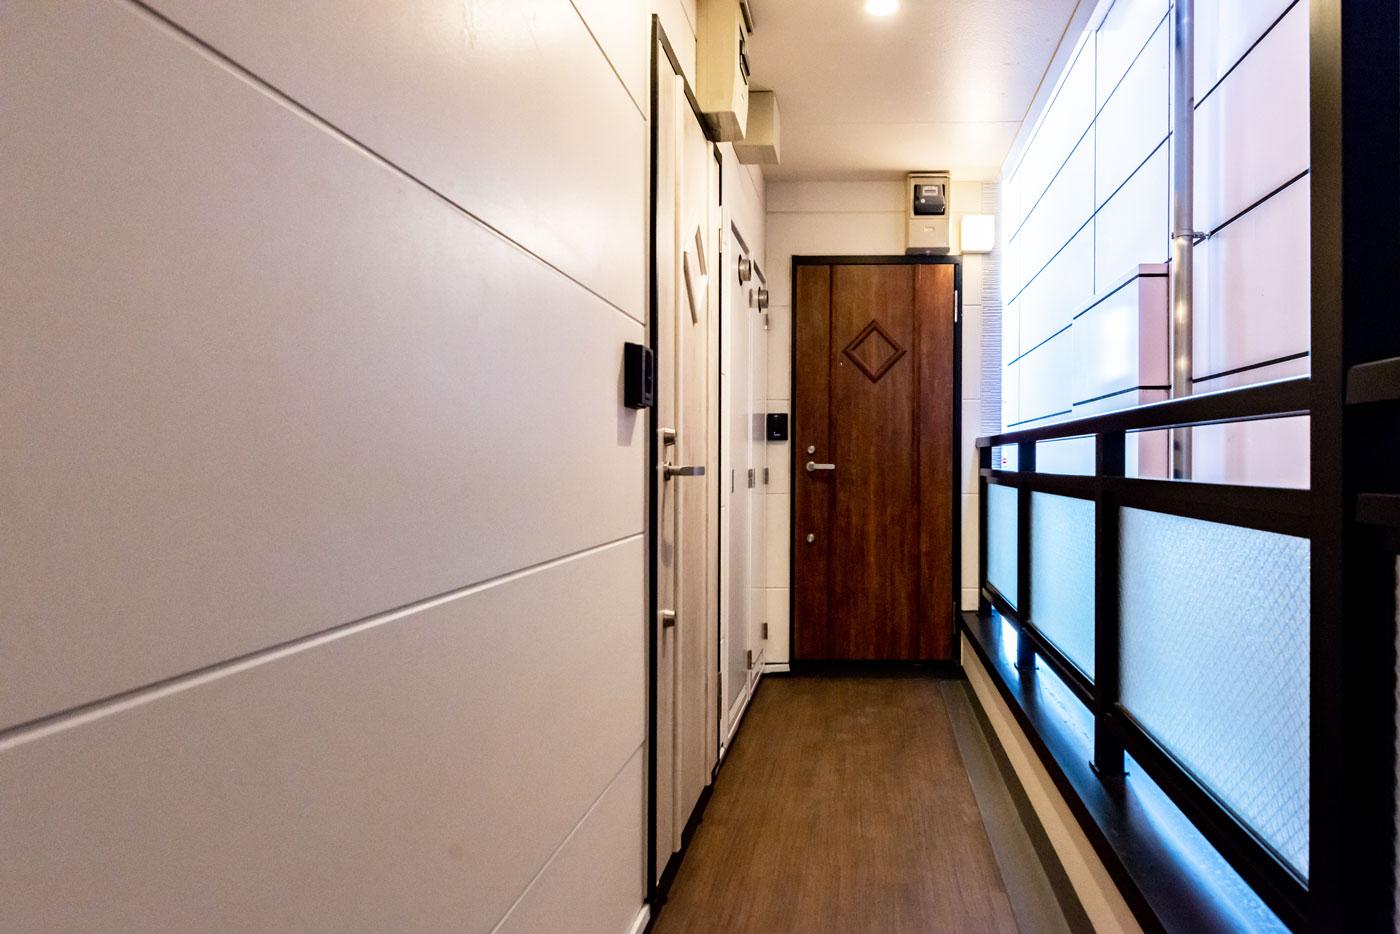 403-7 ドア(茶色 2階4階Cタイプ共通)